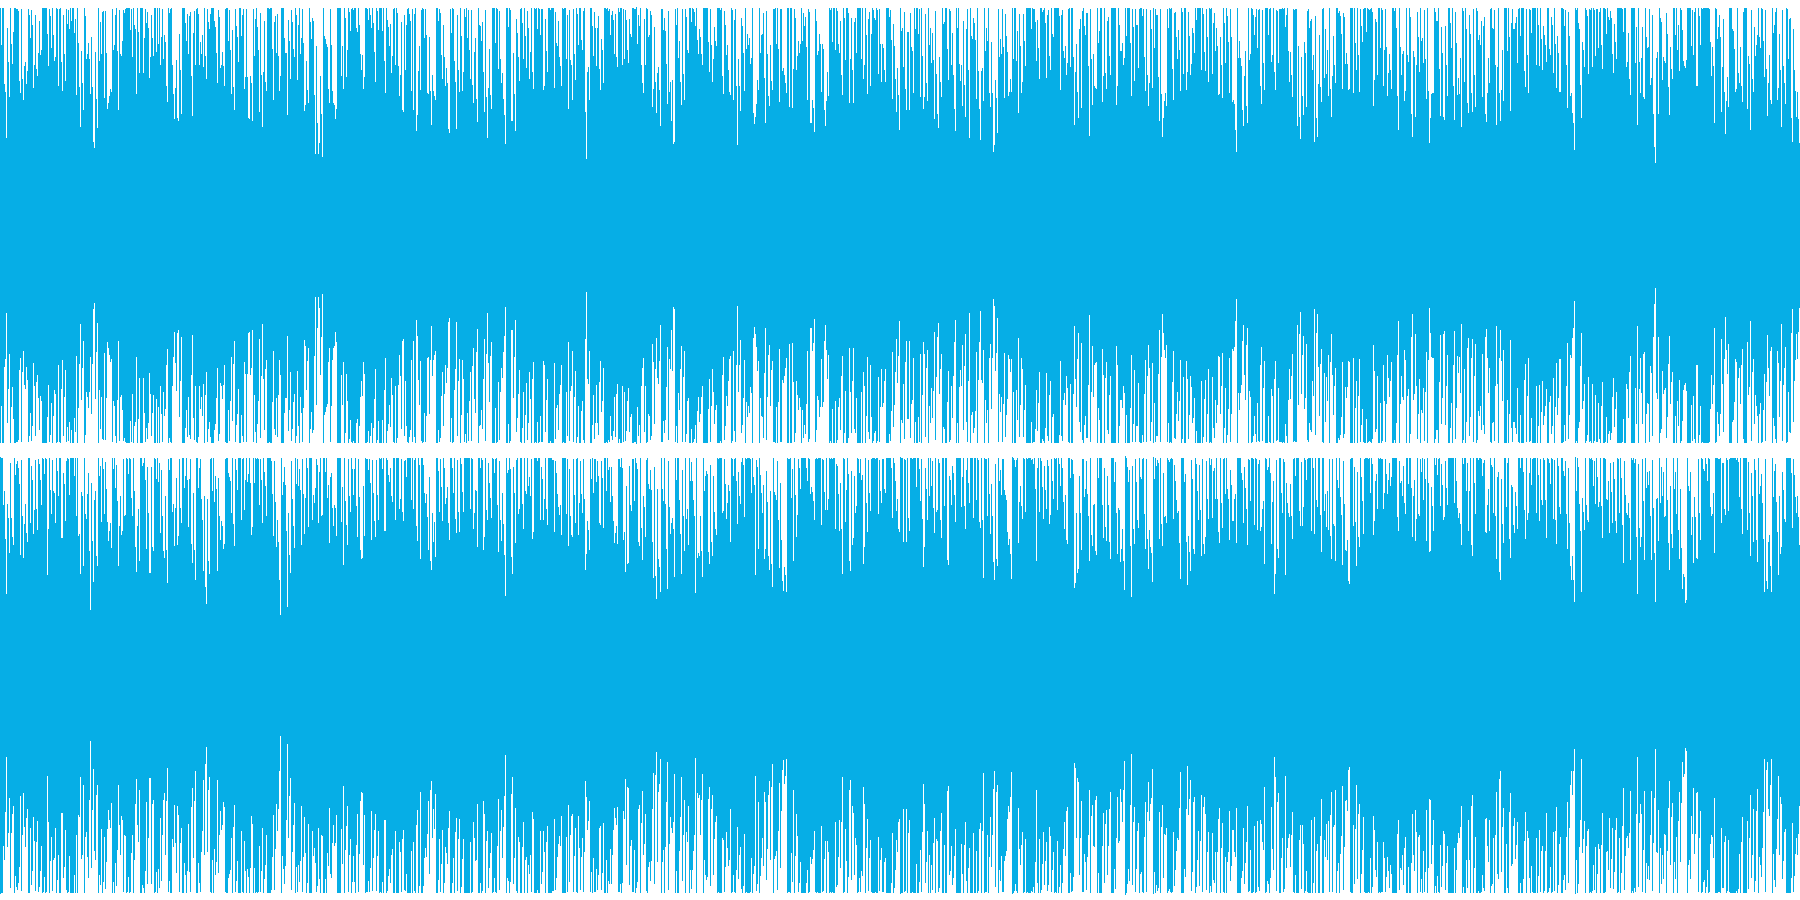 ニュースや映像、ループ可能なテクノ1の再生済みの波形